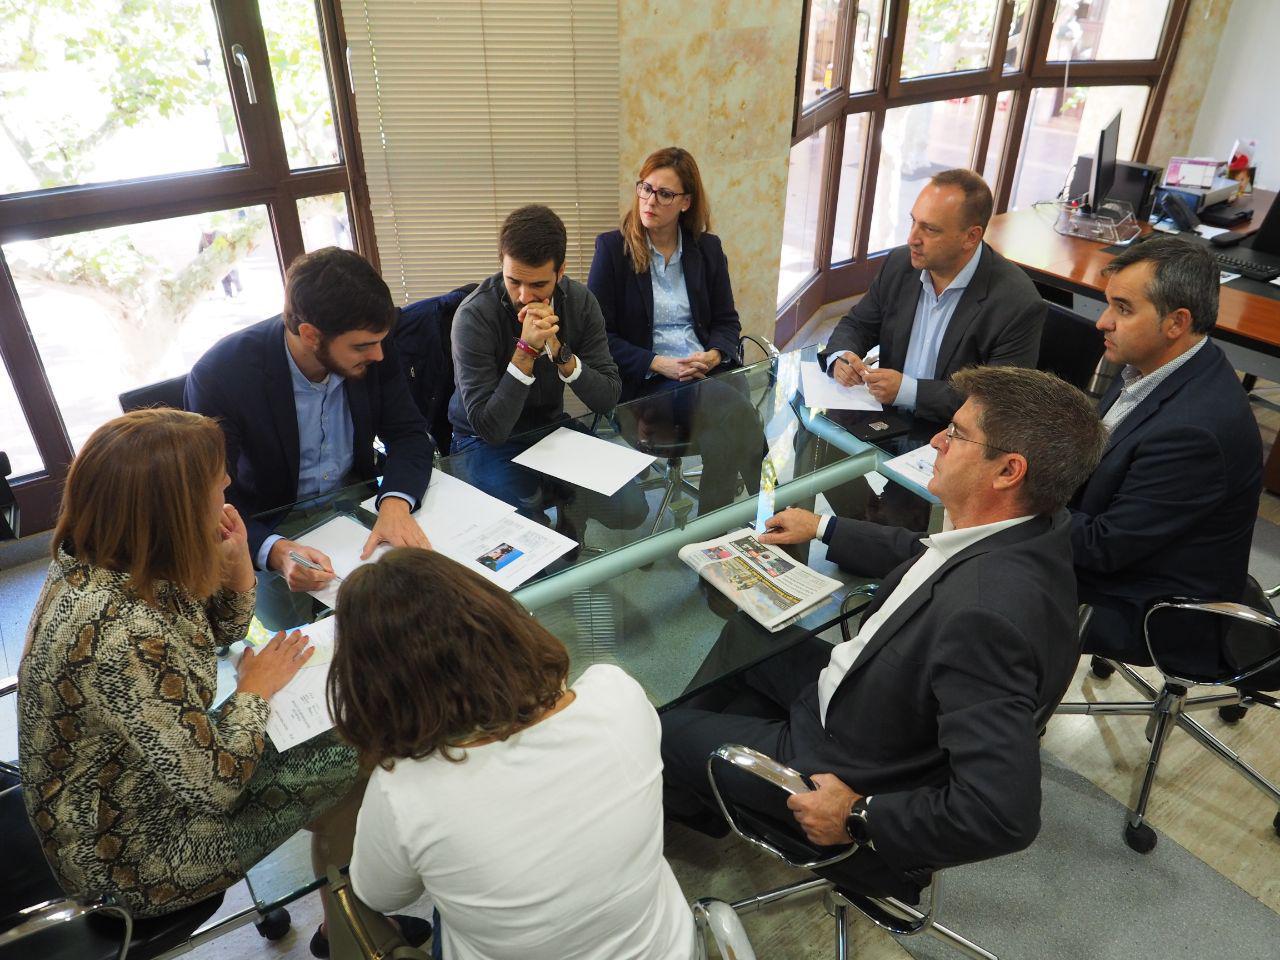 """Martínez Dalmau aposta a Aspe """"per una nova manera de fer política social, d""""habitatge i vertebració autonòmica"""""""